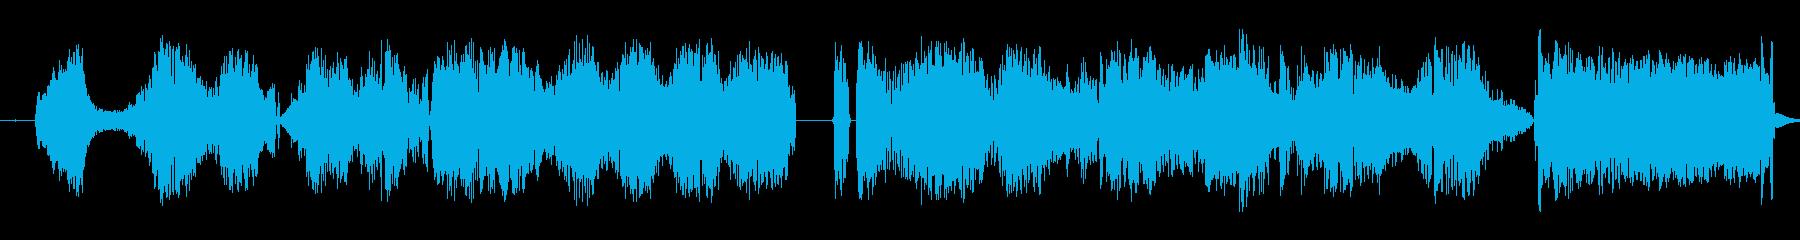 静的干渉跳ね返りスワイプ3の再生済みの波形